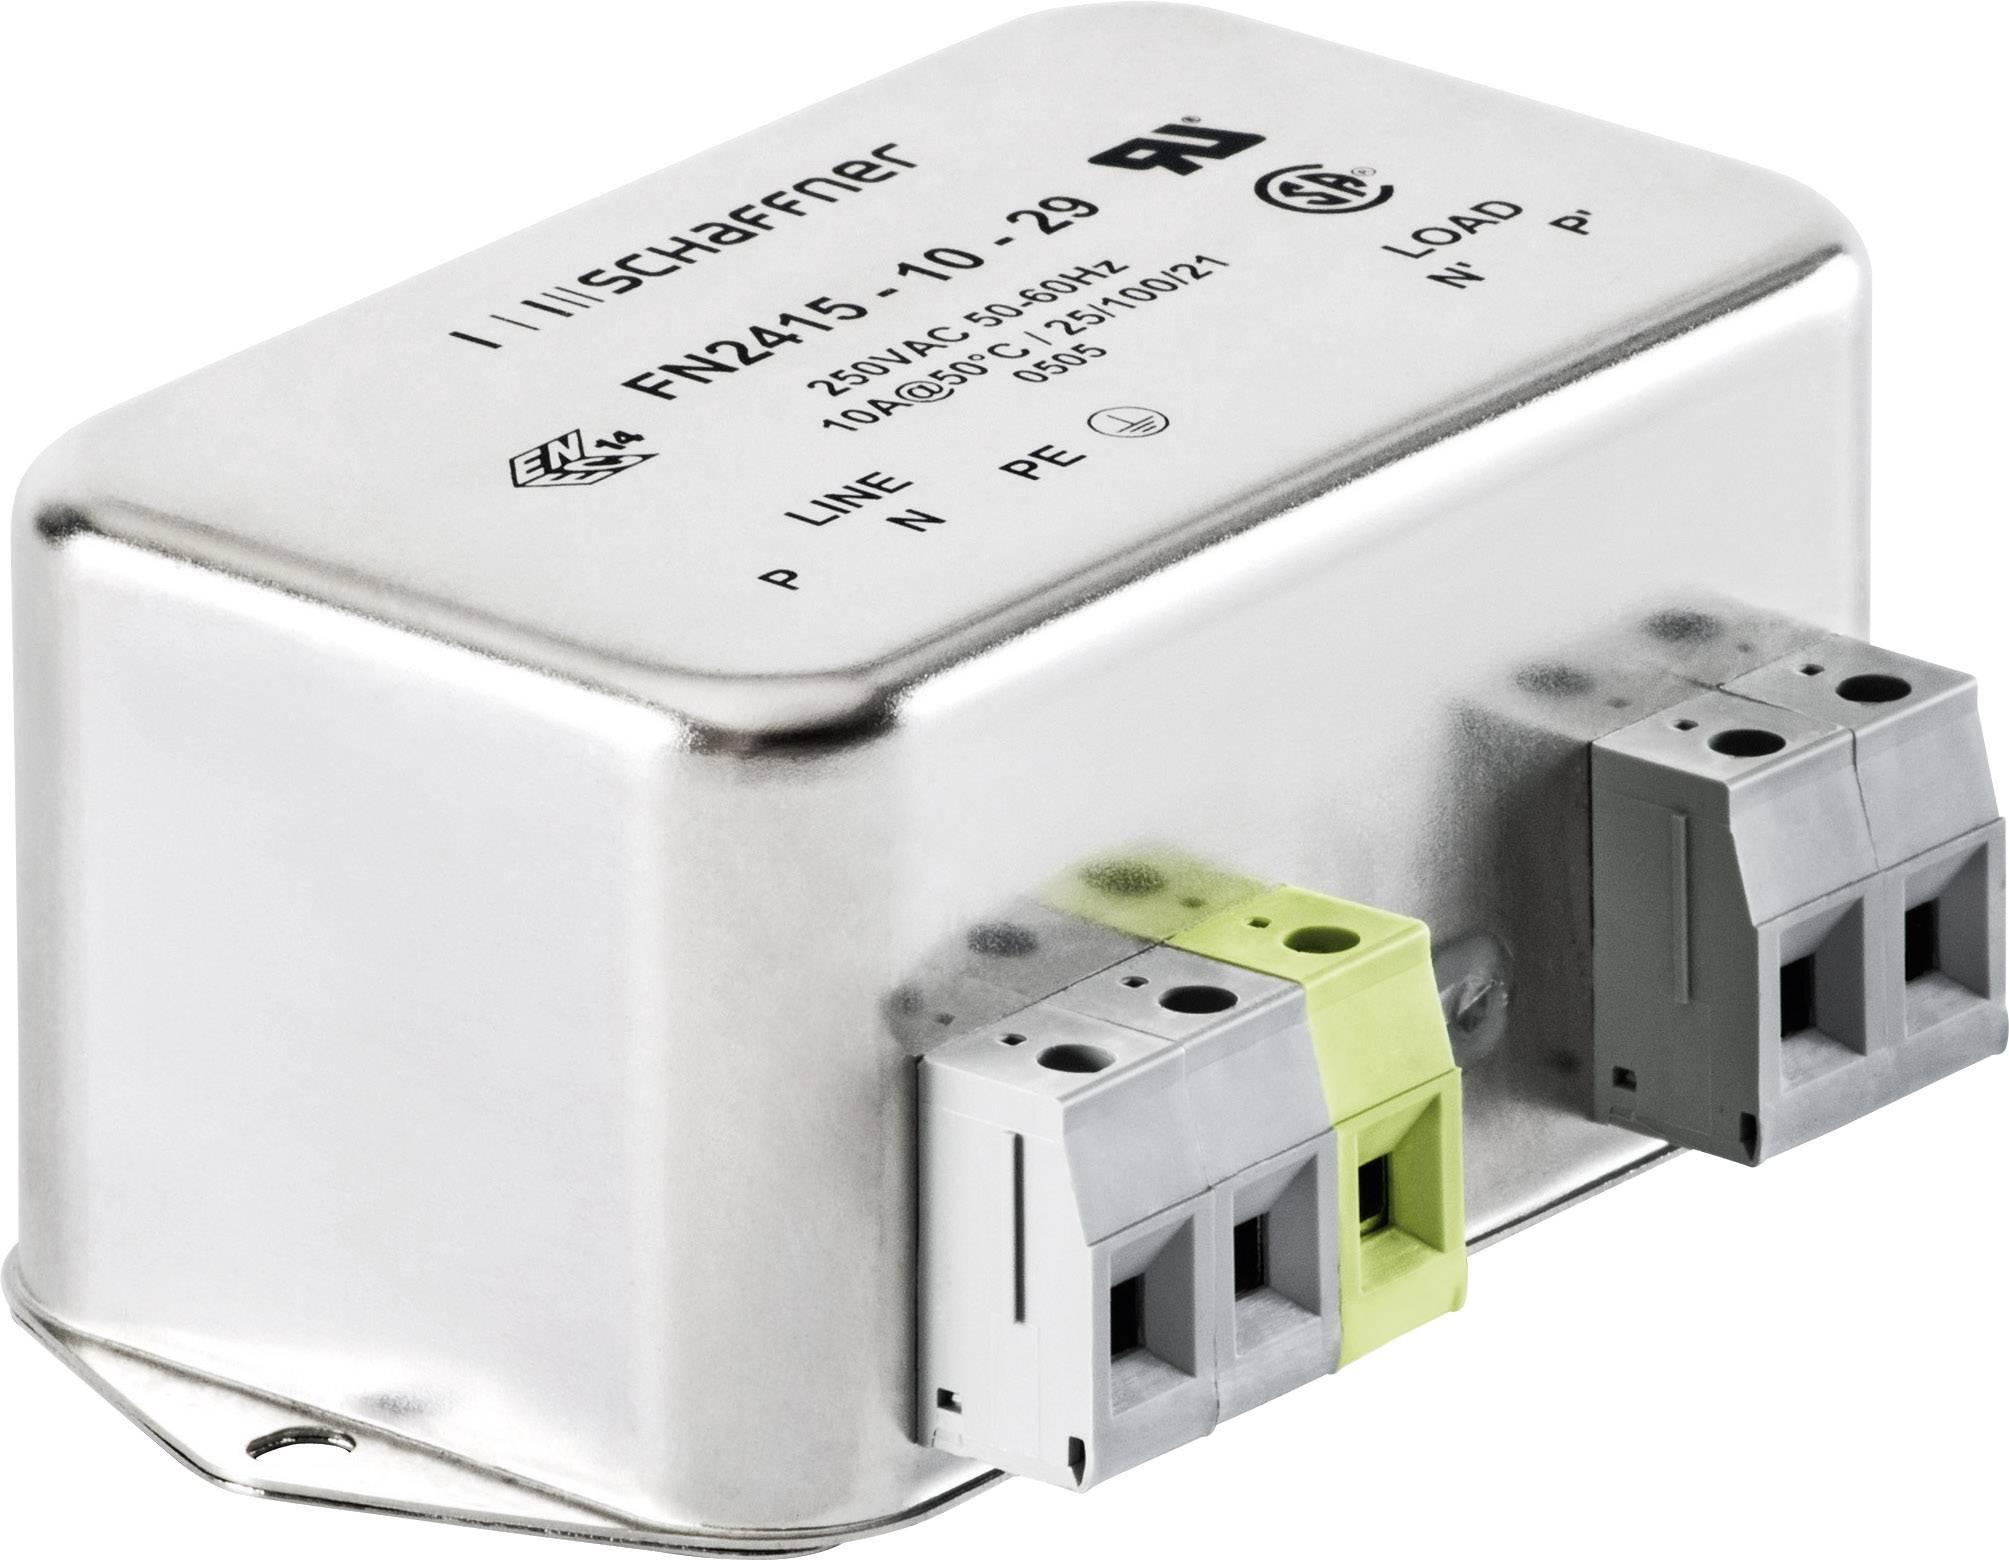 Odrušovací filter Schaffner FN2415-6-29 FN2415-6-29, 250 V/AC, 6 A, (d x š x v) 94 x 58 x 45.4 mm, 1 ks